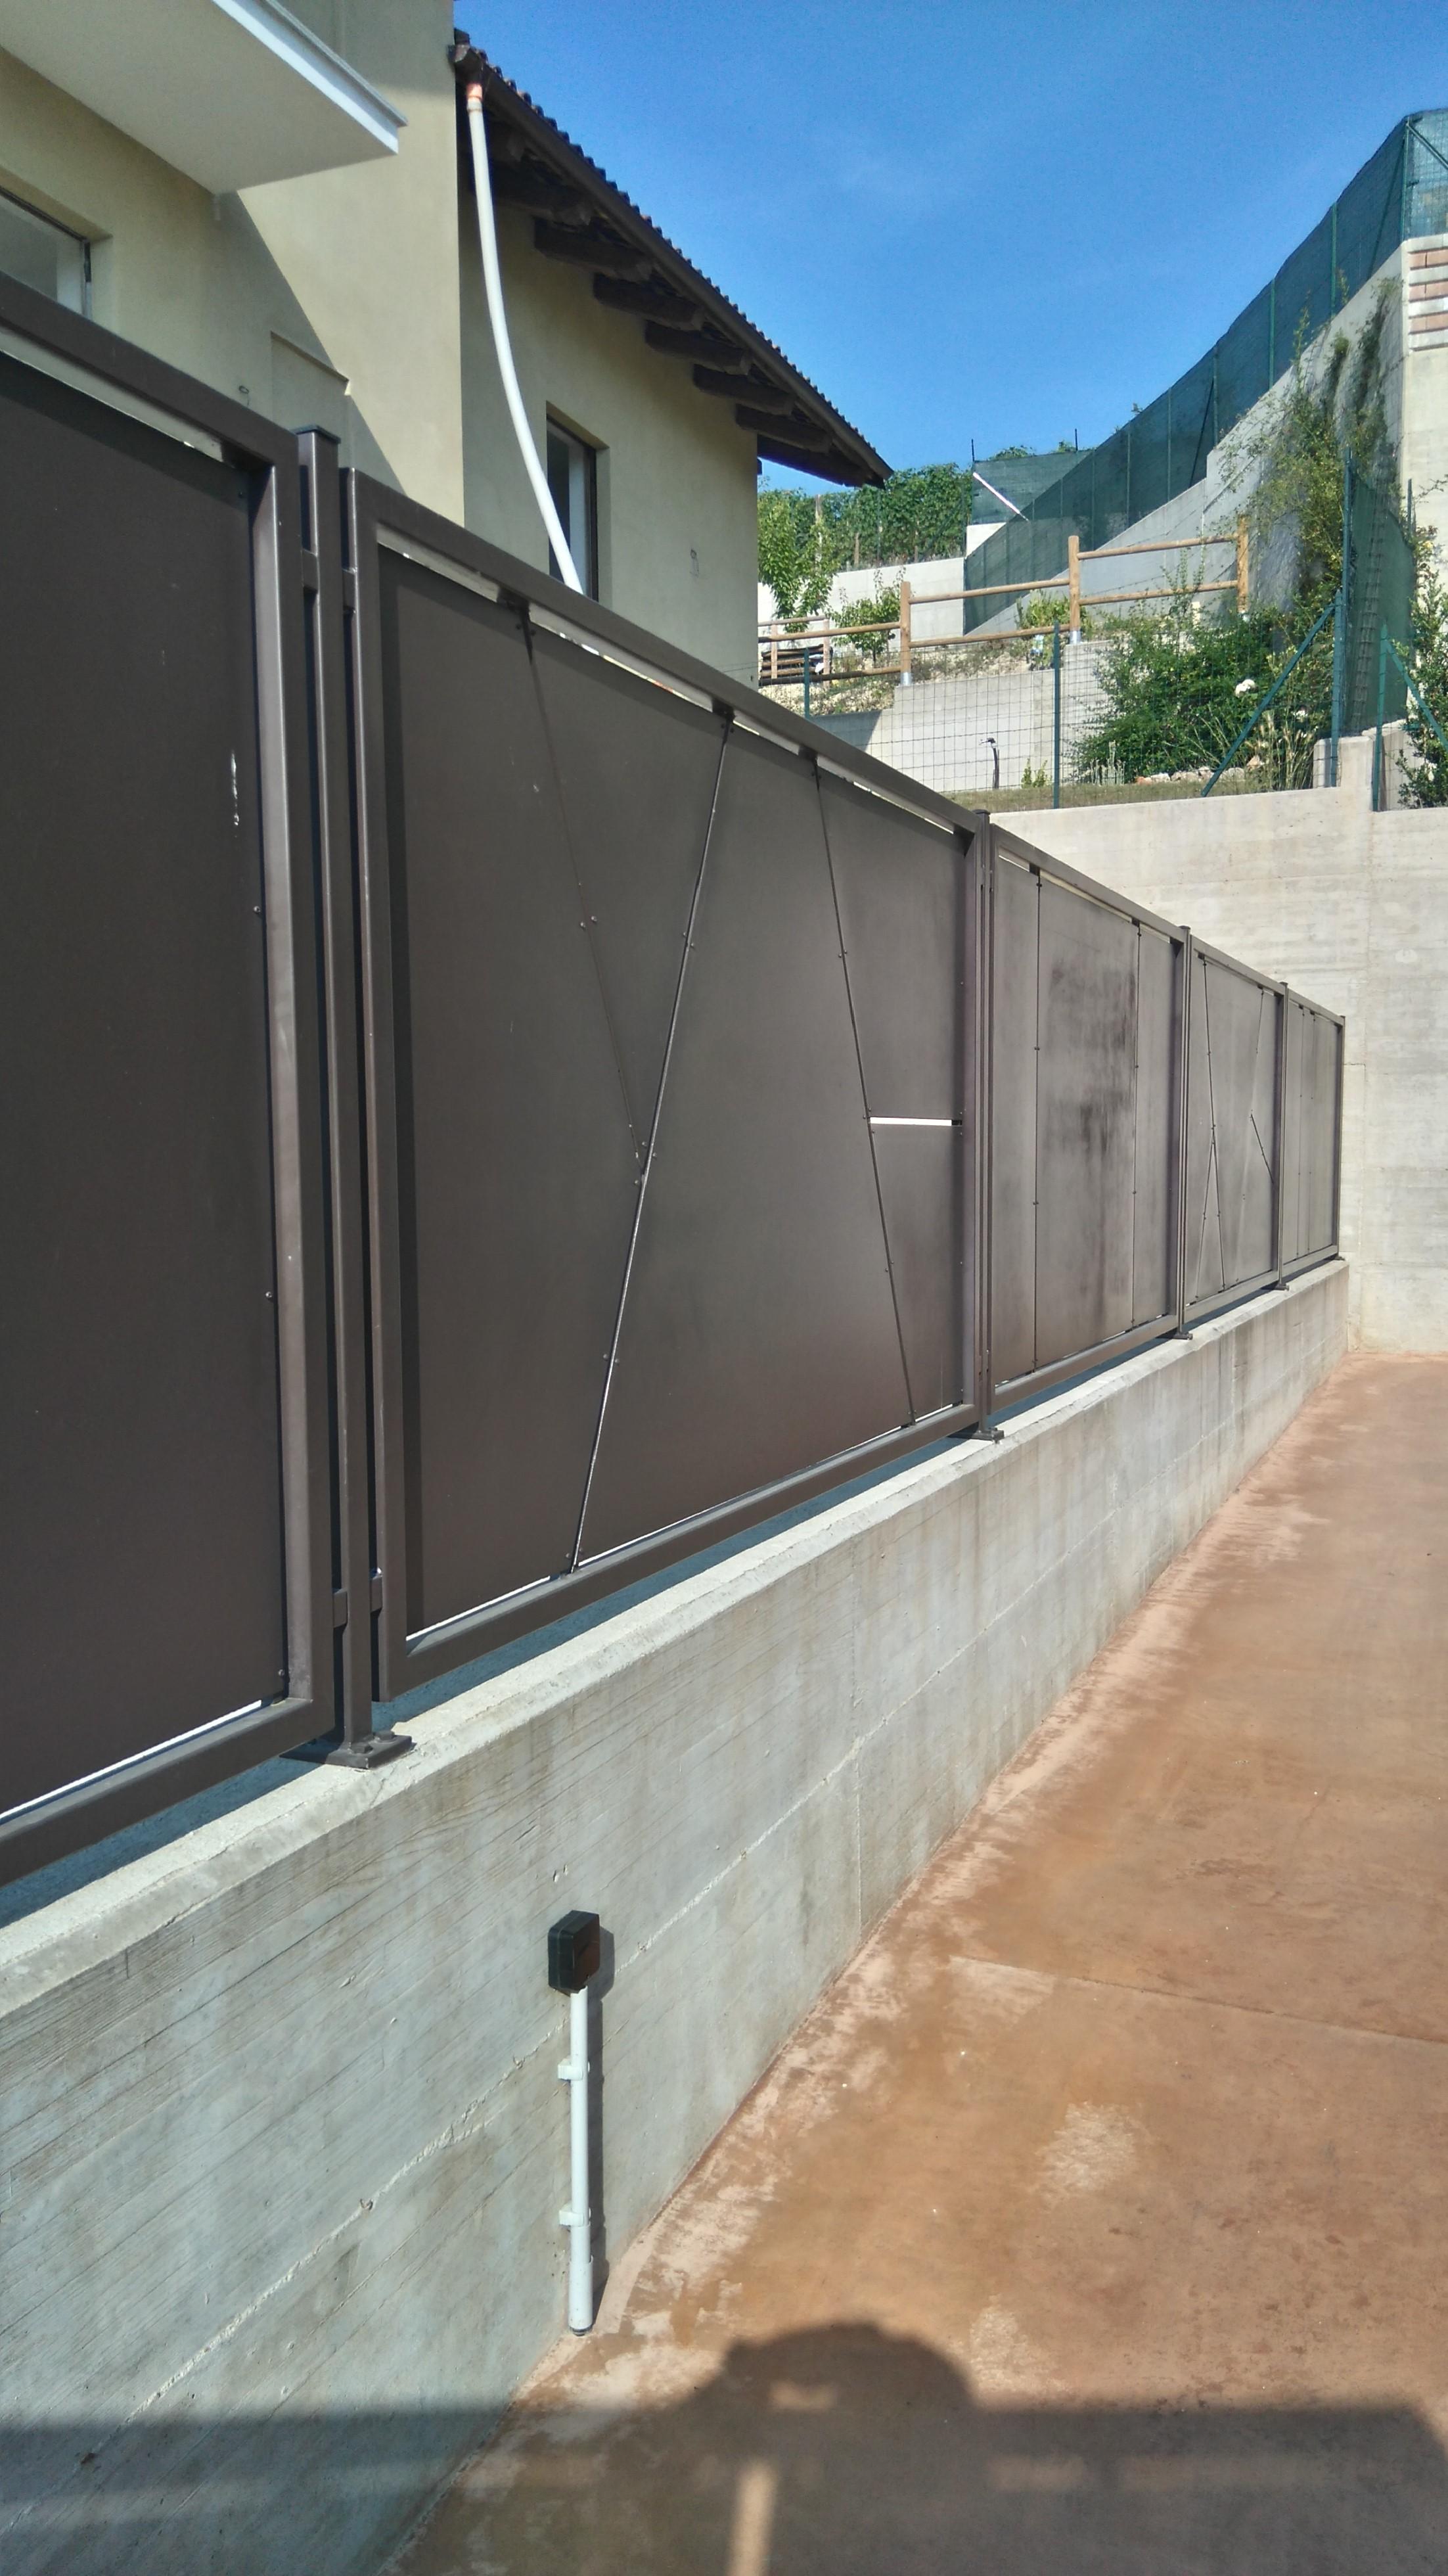 Pannelli divisori abitazione privata emsign studio di enrico marchiaro interior designer - Pannelli divisori design ...